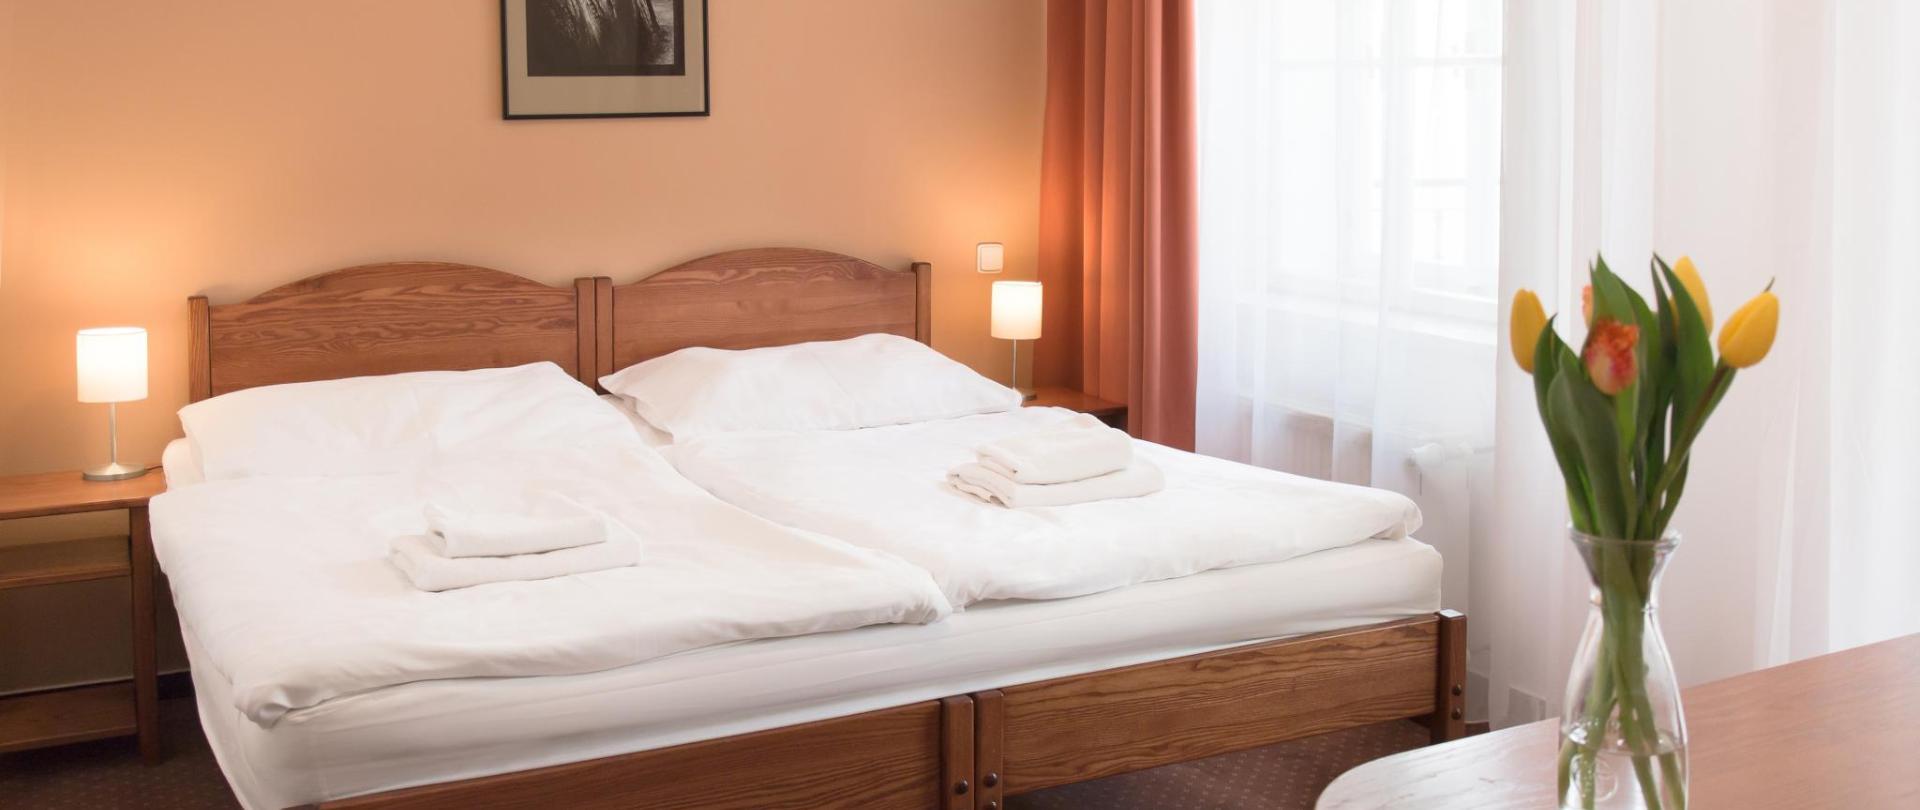 apartman pokoj napravo postel 0420.jpg